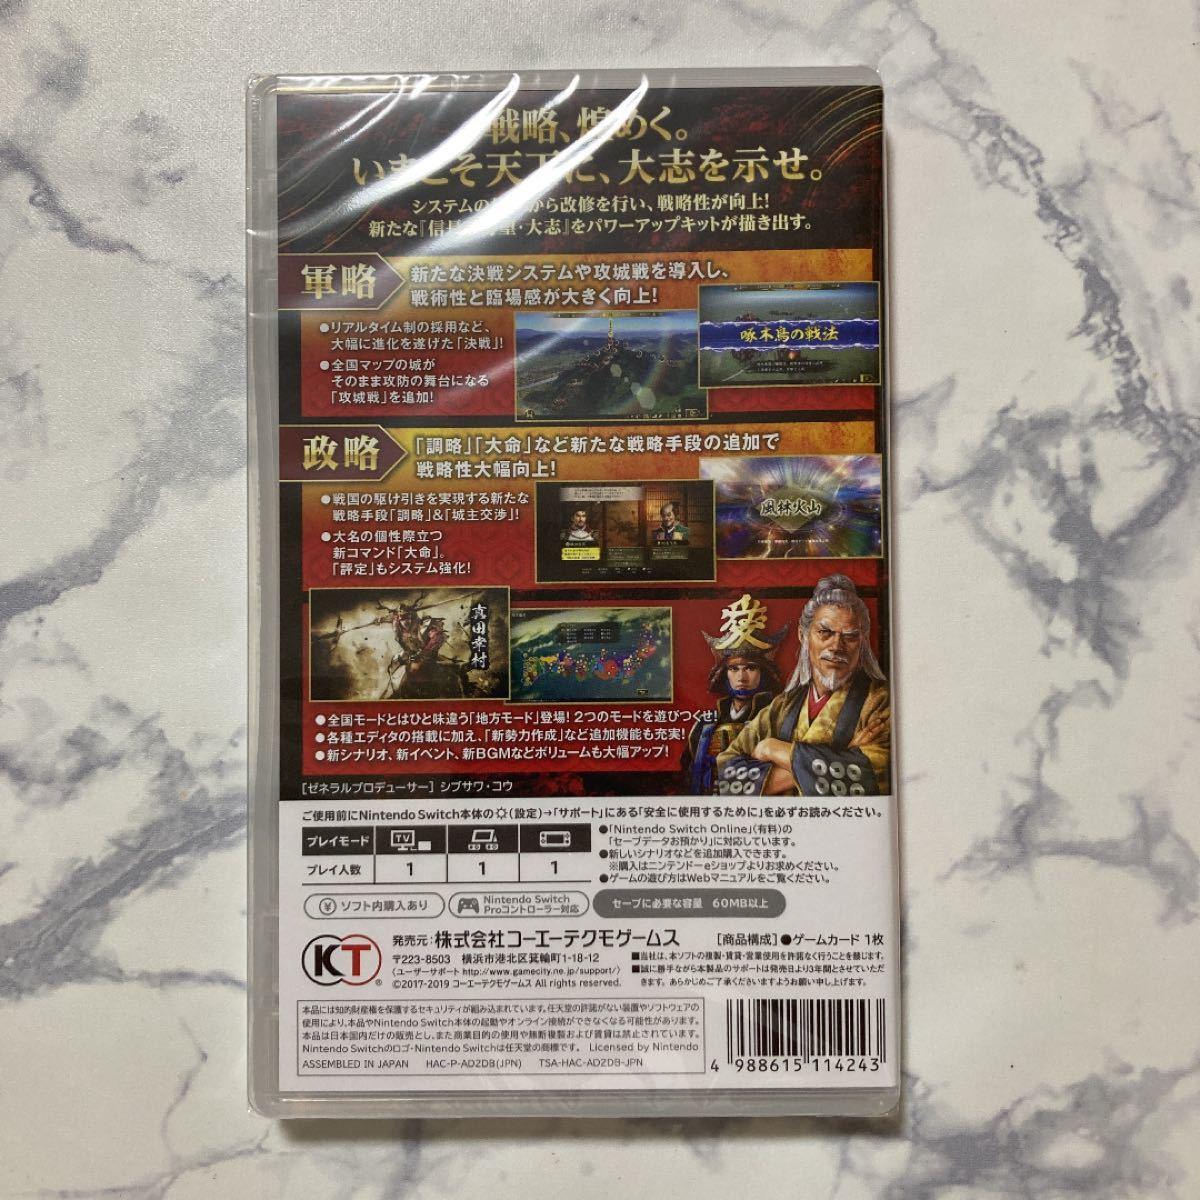 【新品未開封】信長の野望・大志 with パワーアップキット